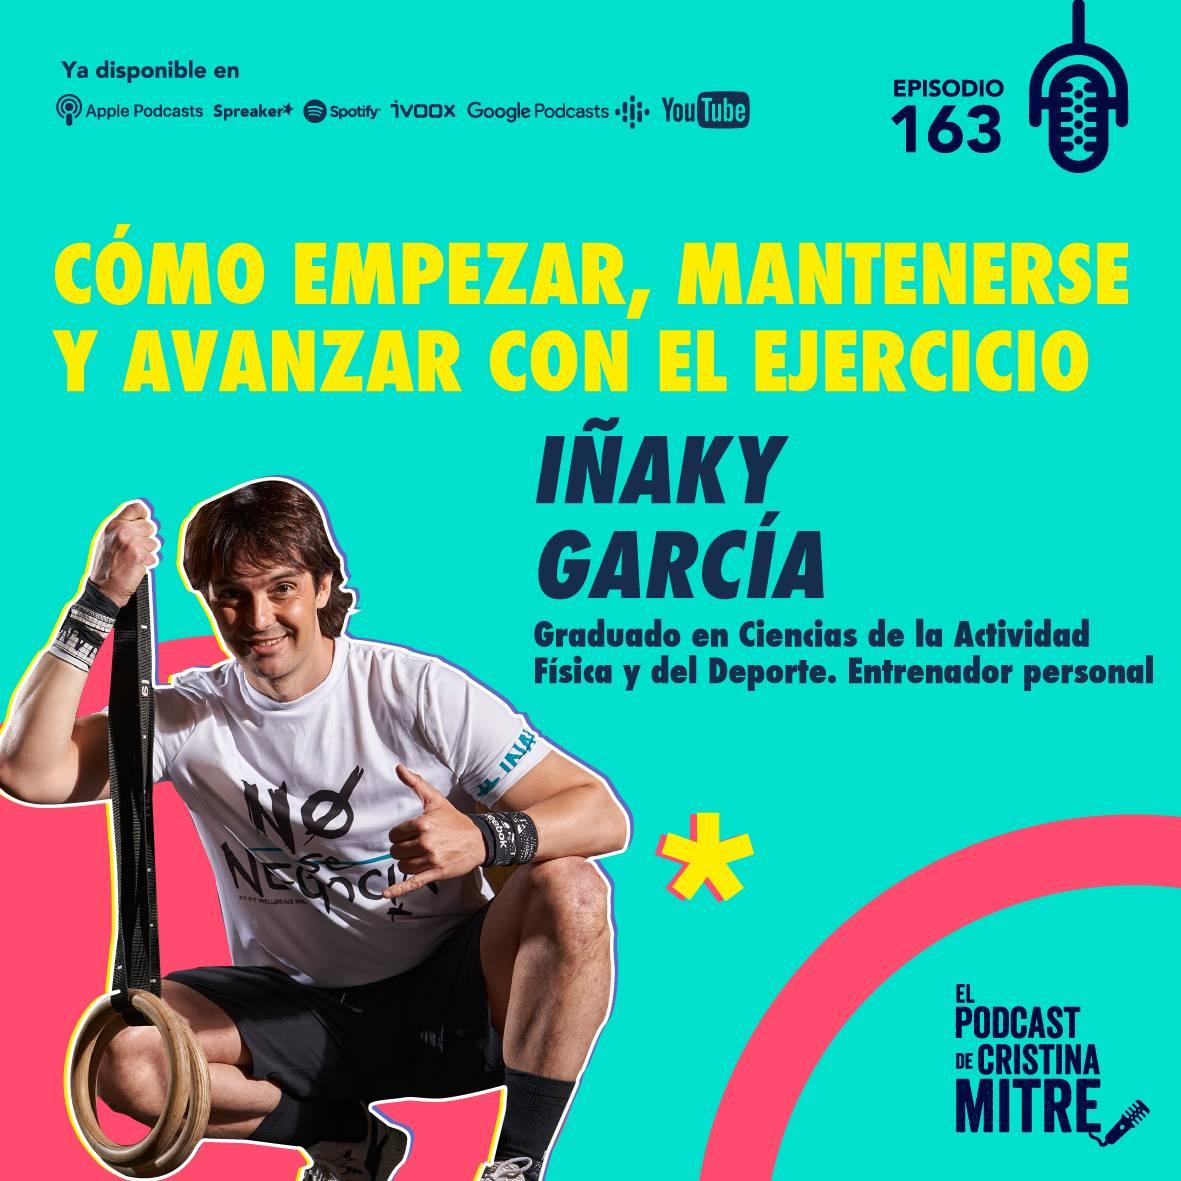 Iñaky García El podcast de Cristina Mitre Episodio 163